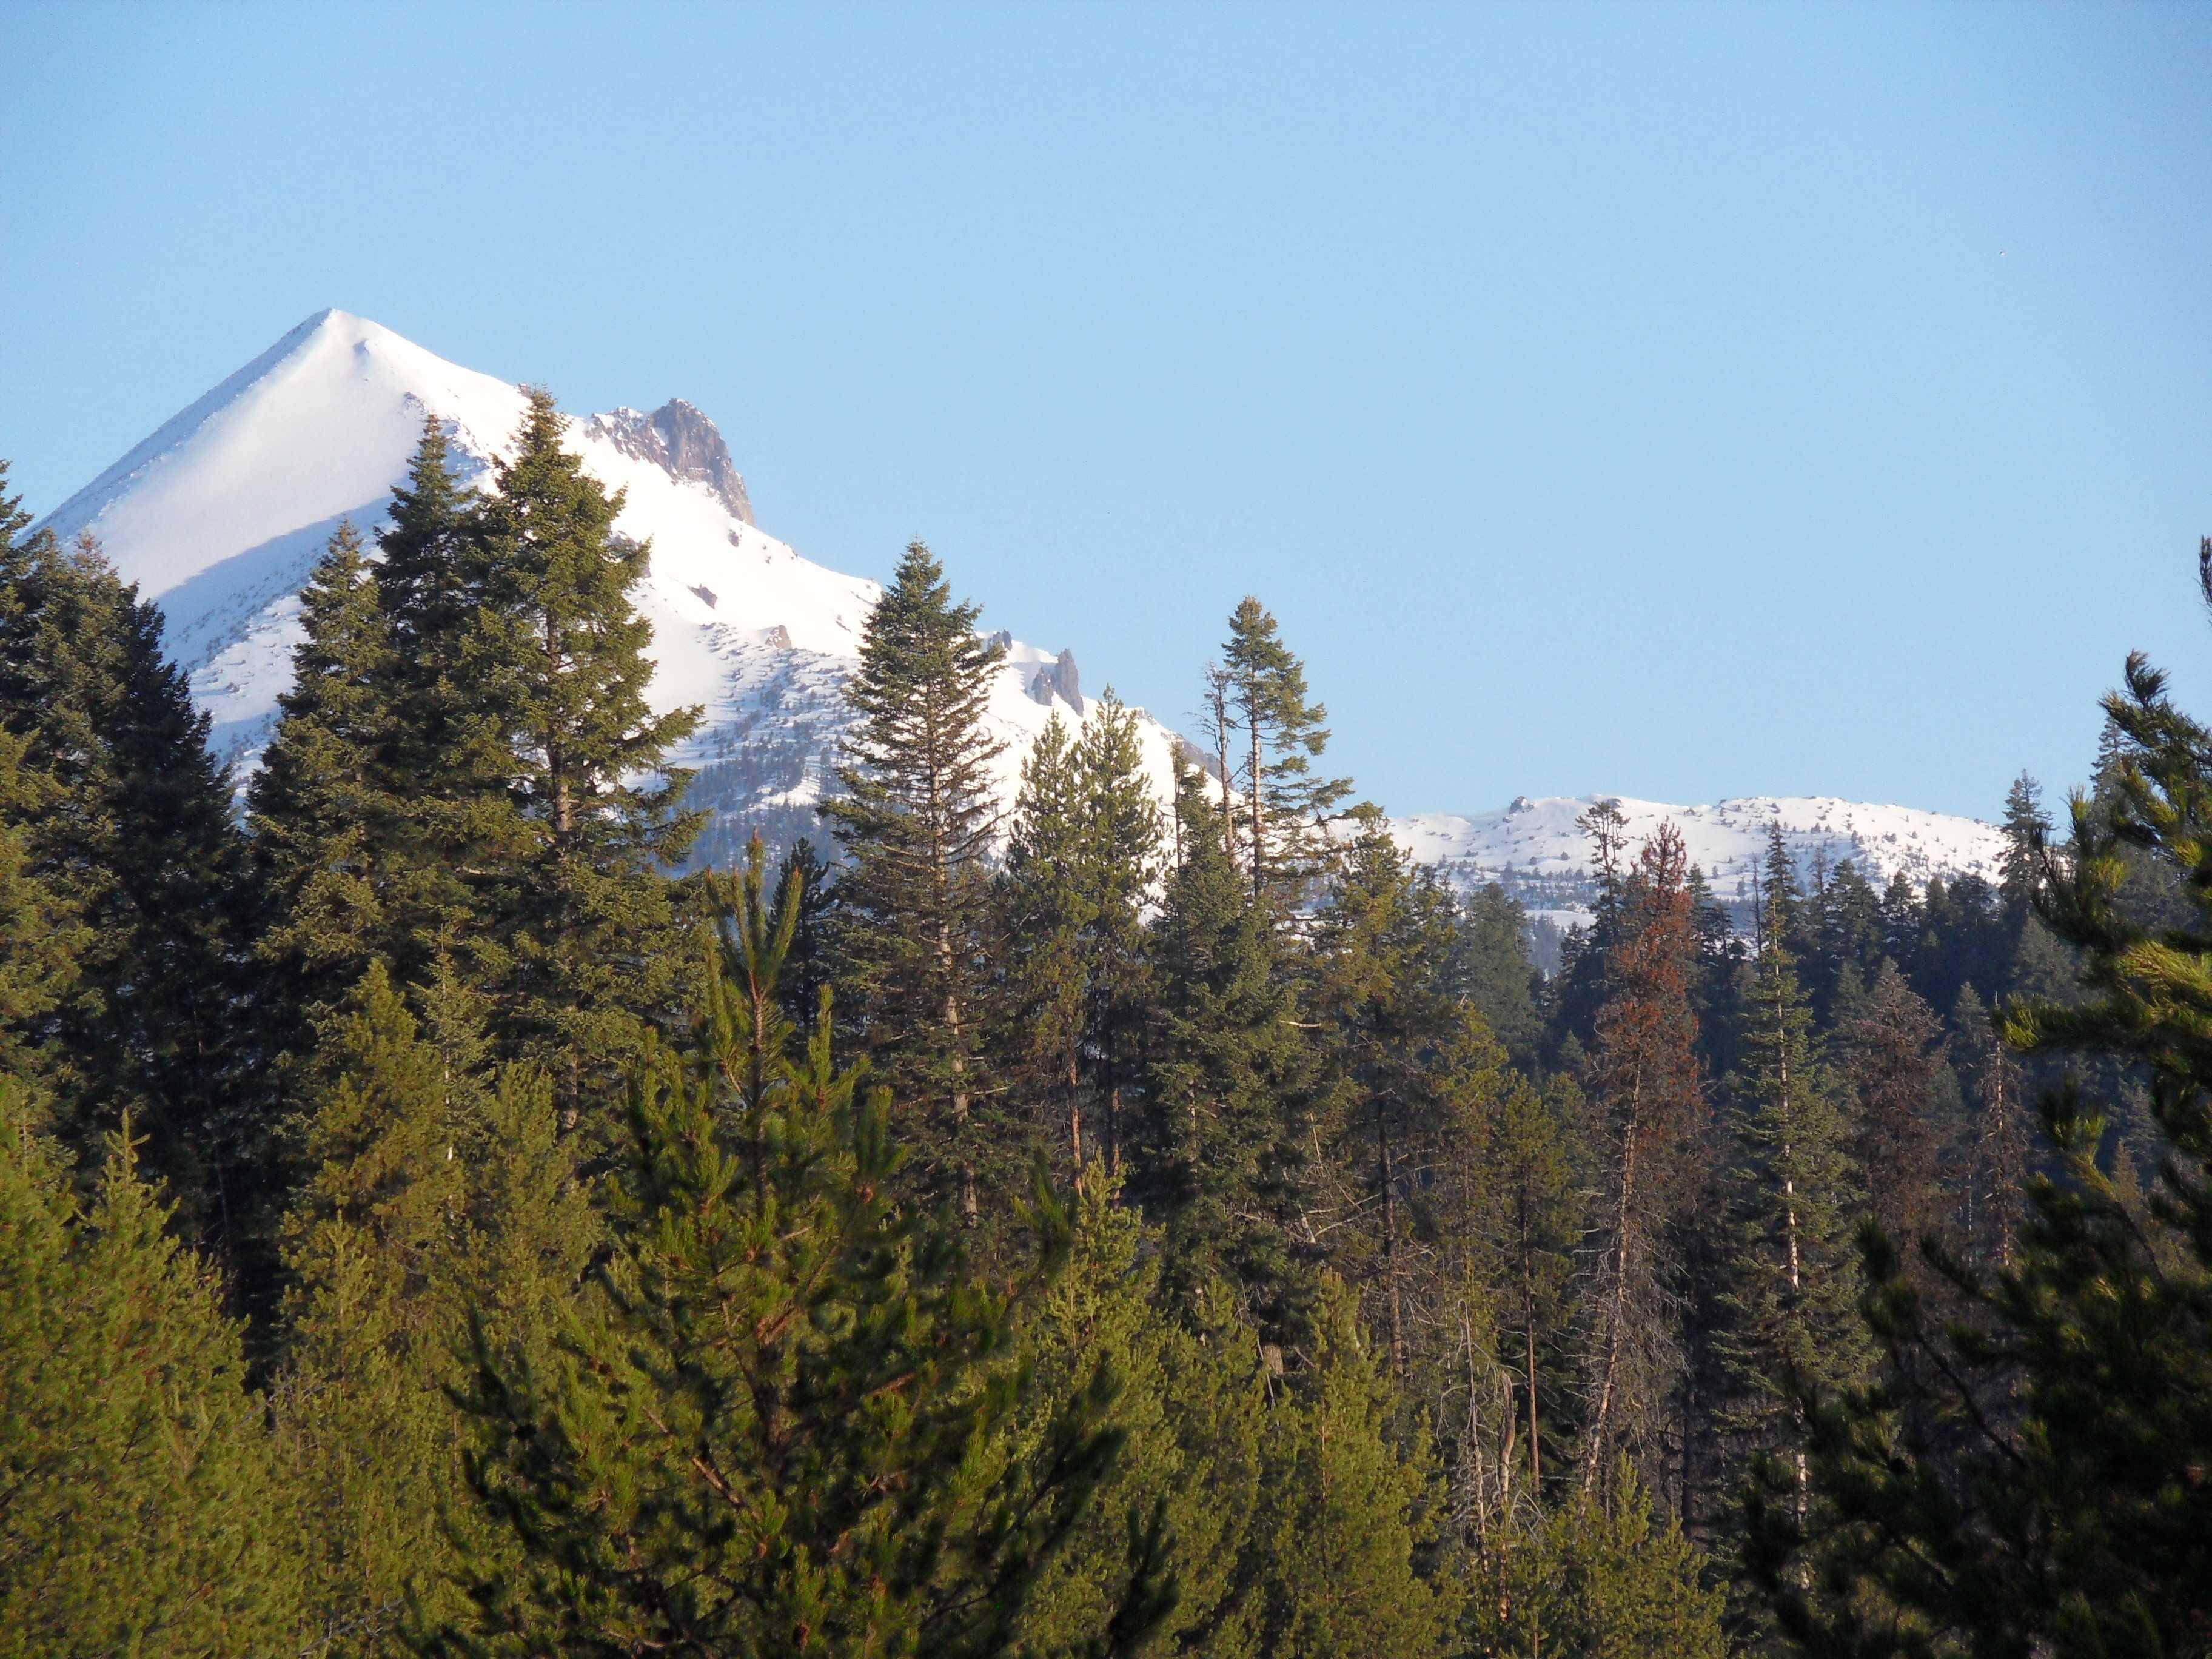 Mount McLoughlin through the trees